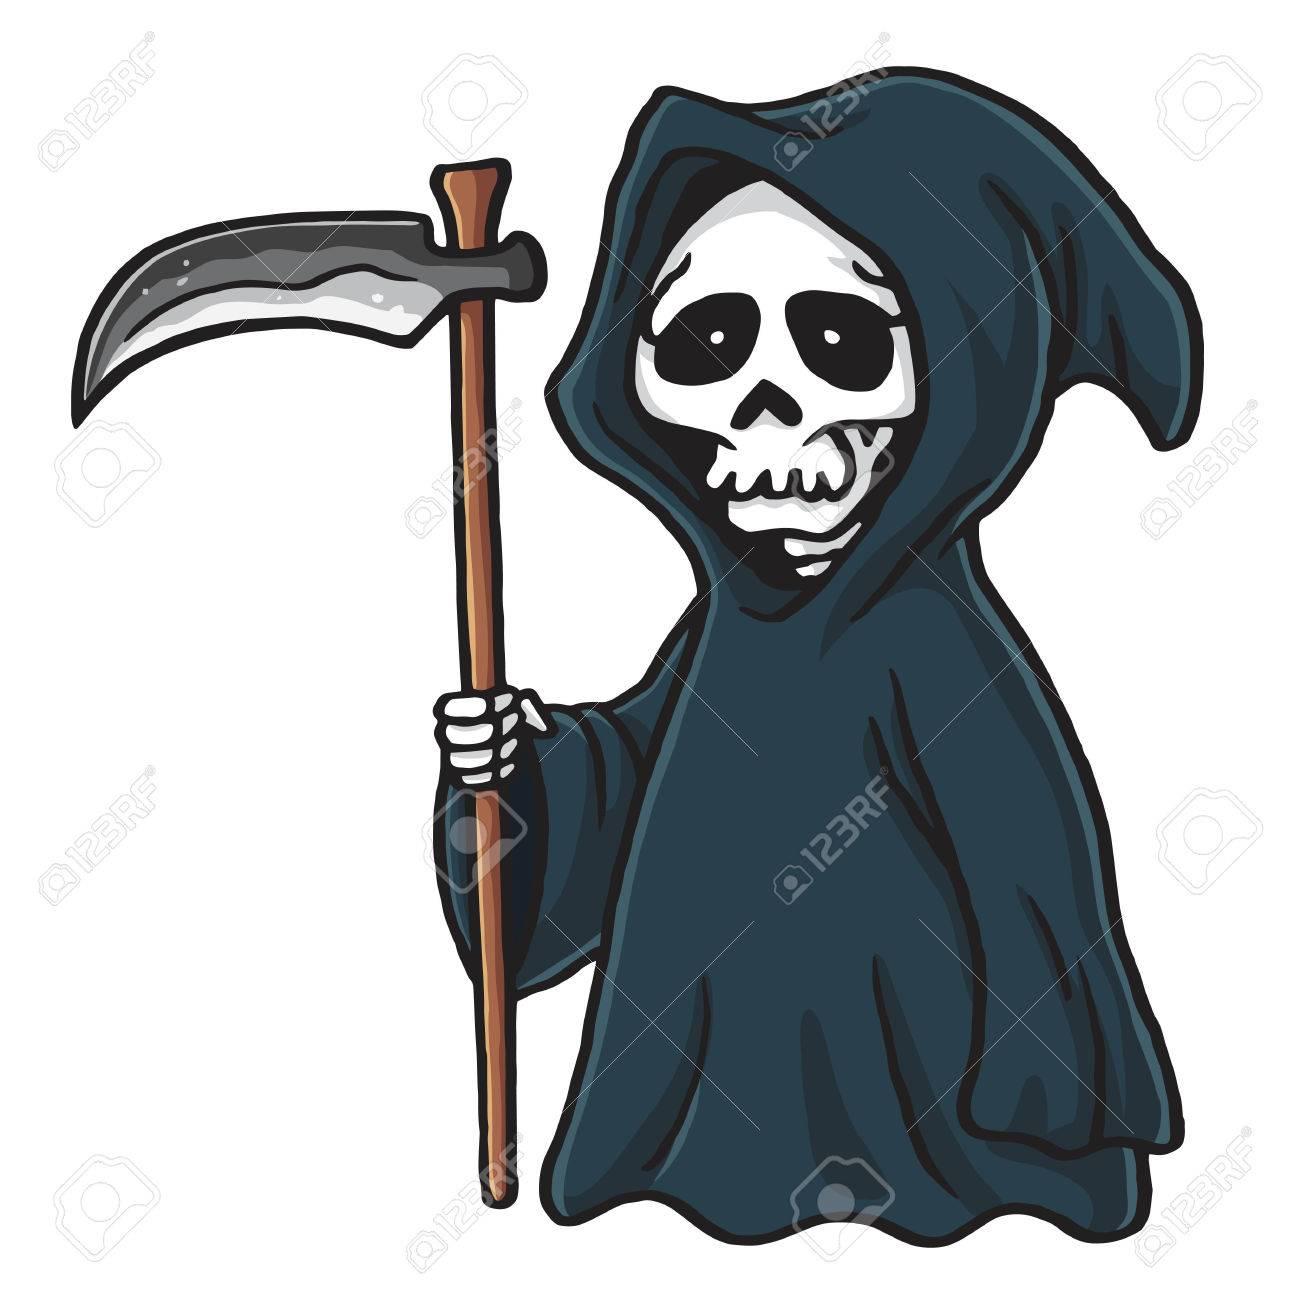 hight resolution of grim reaper cute cartoon skeleton halloween vector illustration clip art stock vector 69937765